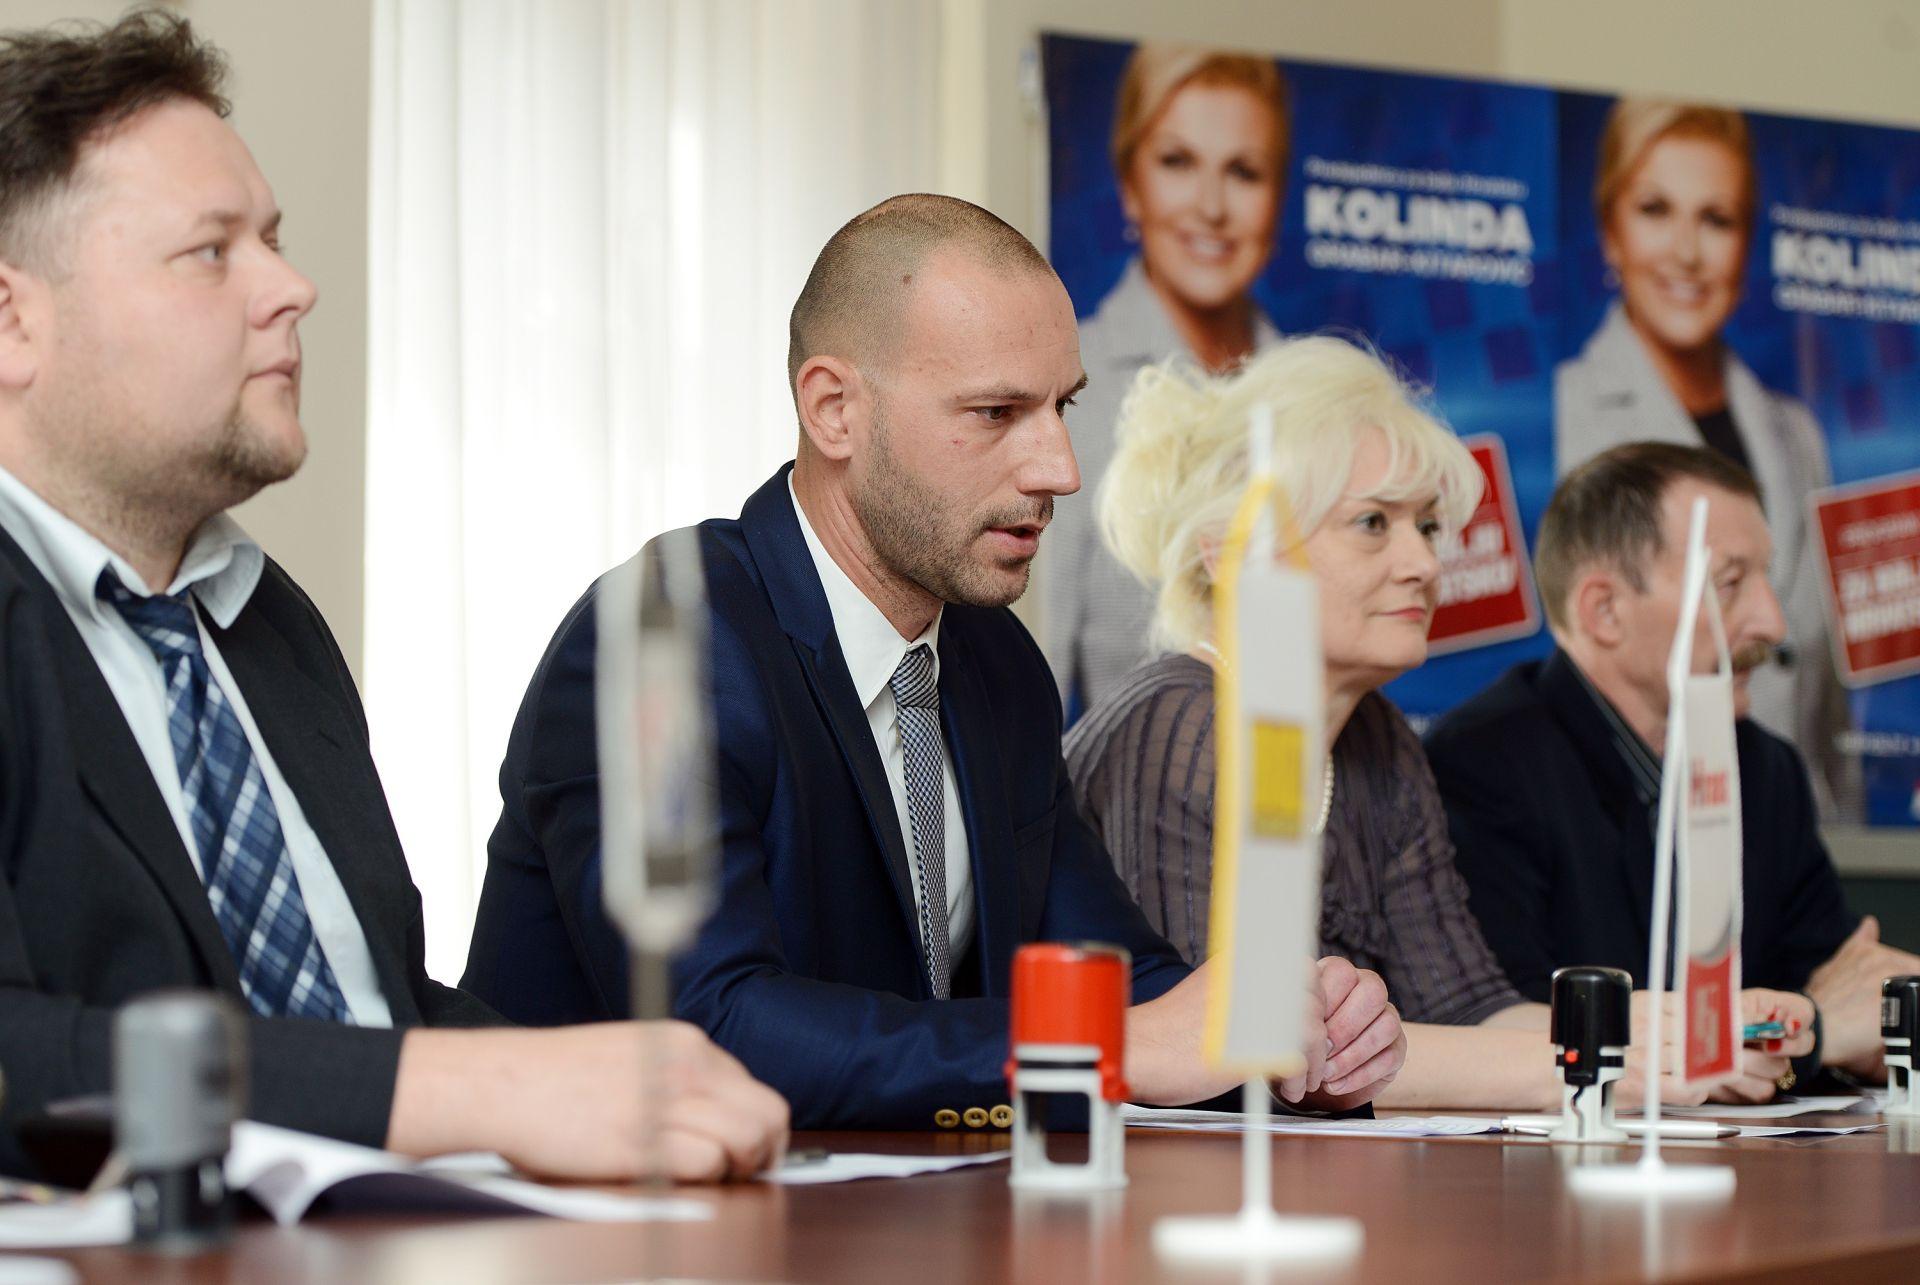 Župan Štromar smijenio člana UV-a varaždinske bolnice Damira Habijana